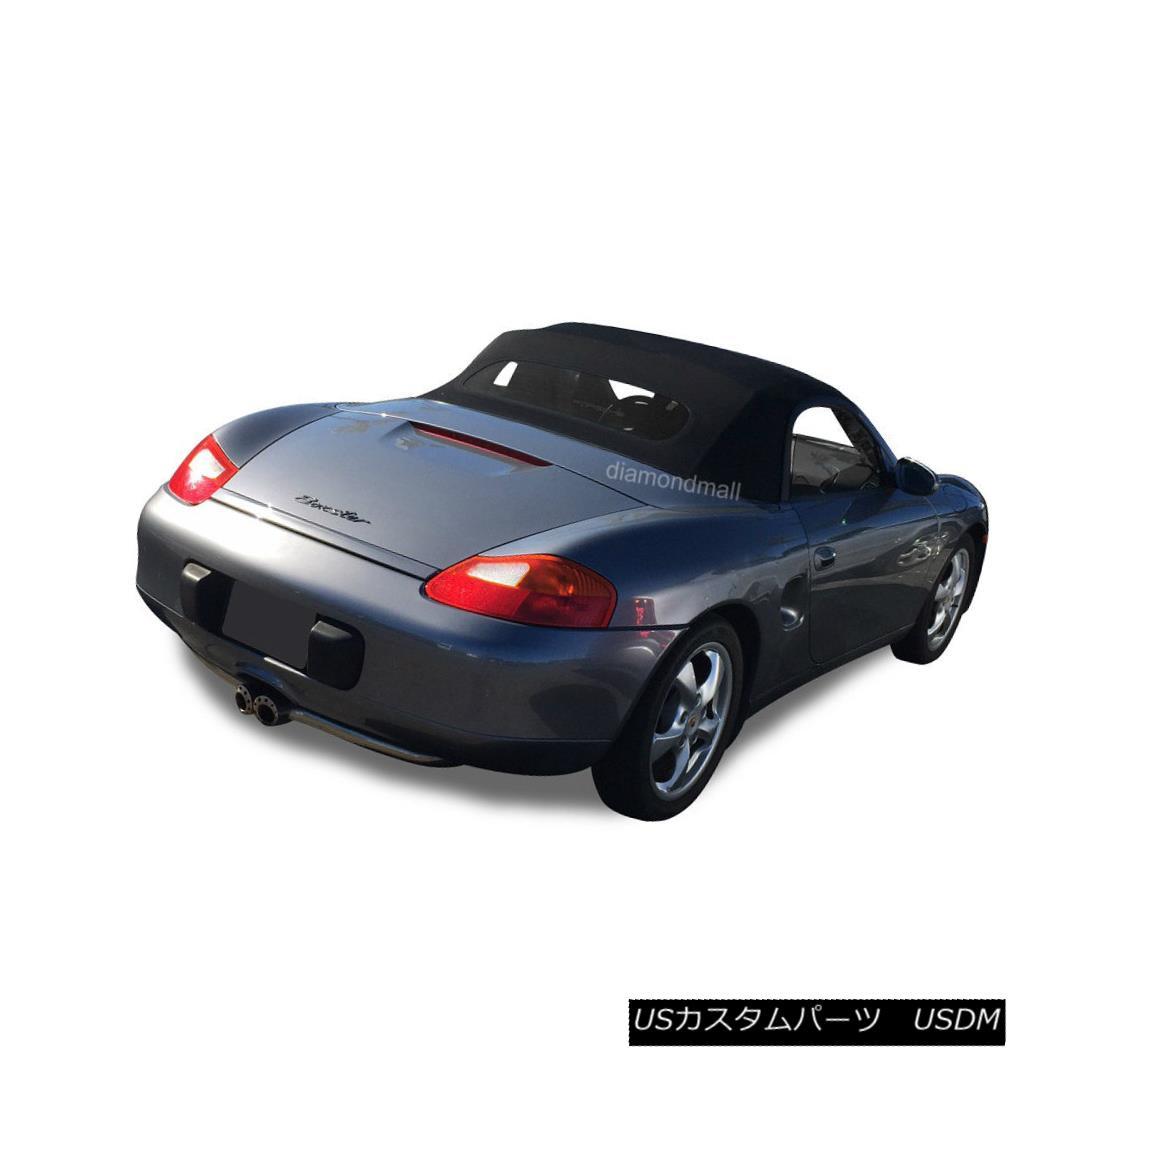 幌・ソフトトップ Porsche Boxster 1997-02 Convertible Soft Top & Heated Glass Window Black STF Porsche Boxster 1997-02コンバーチブルソフトトップ& 加熱ガラス窓ブラックSTF